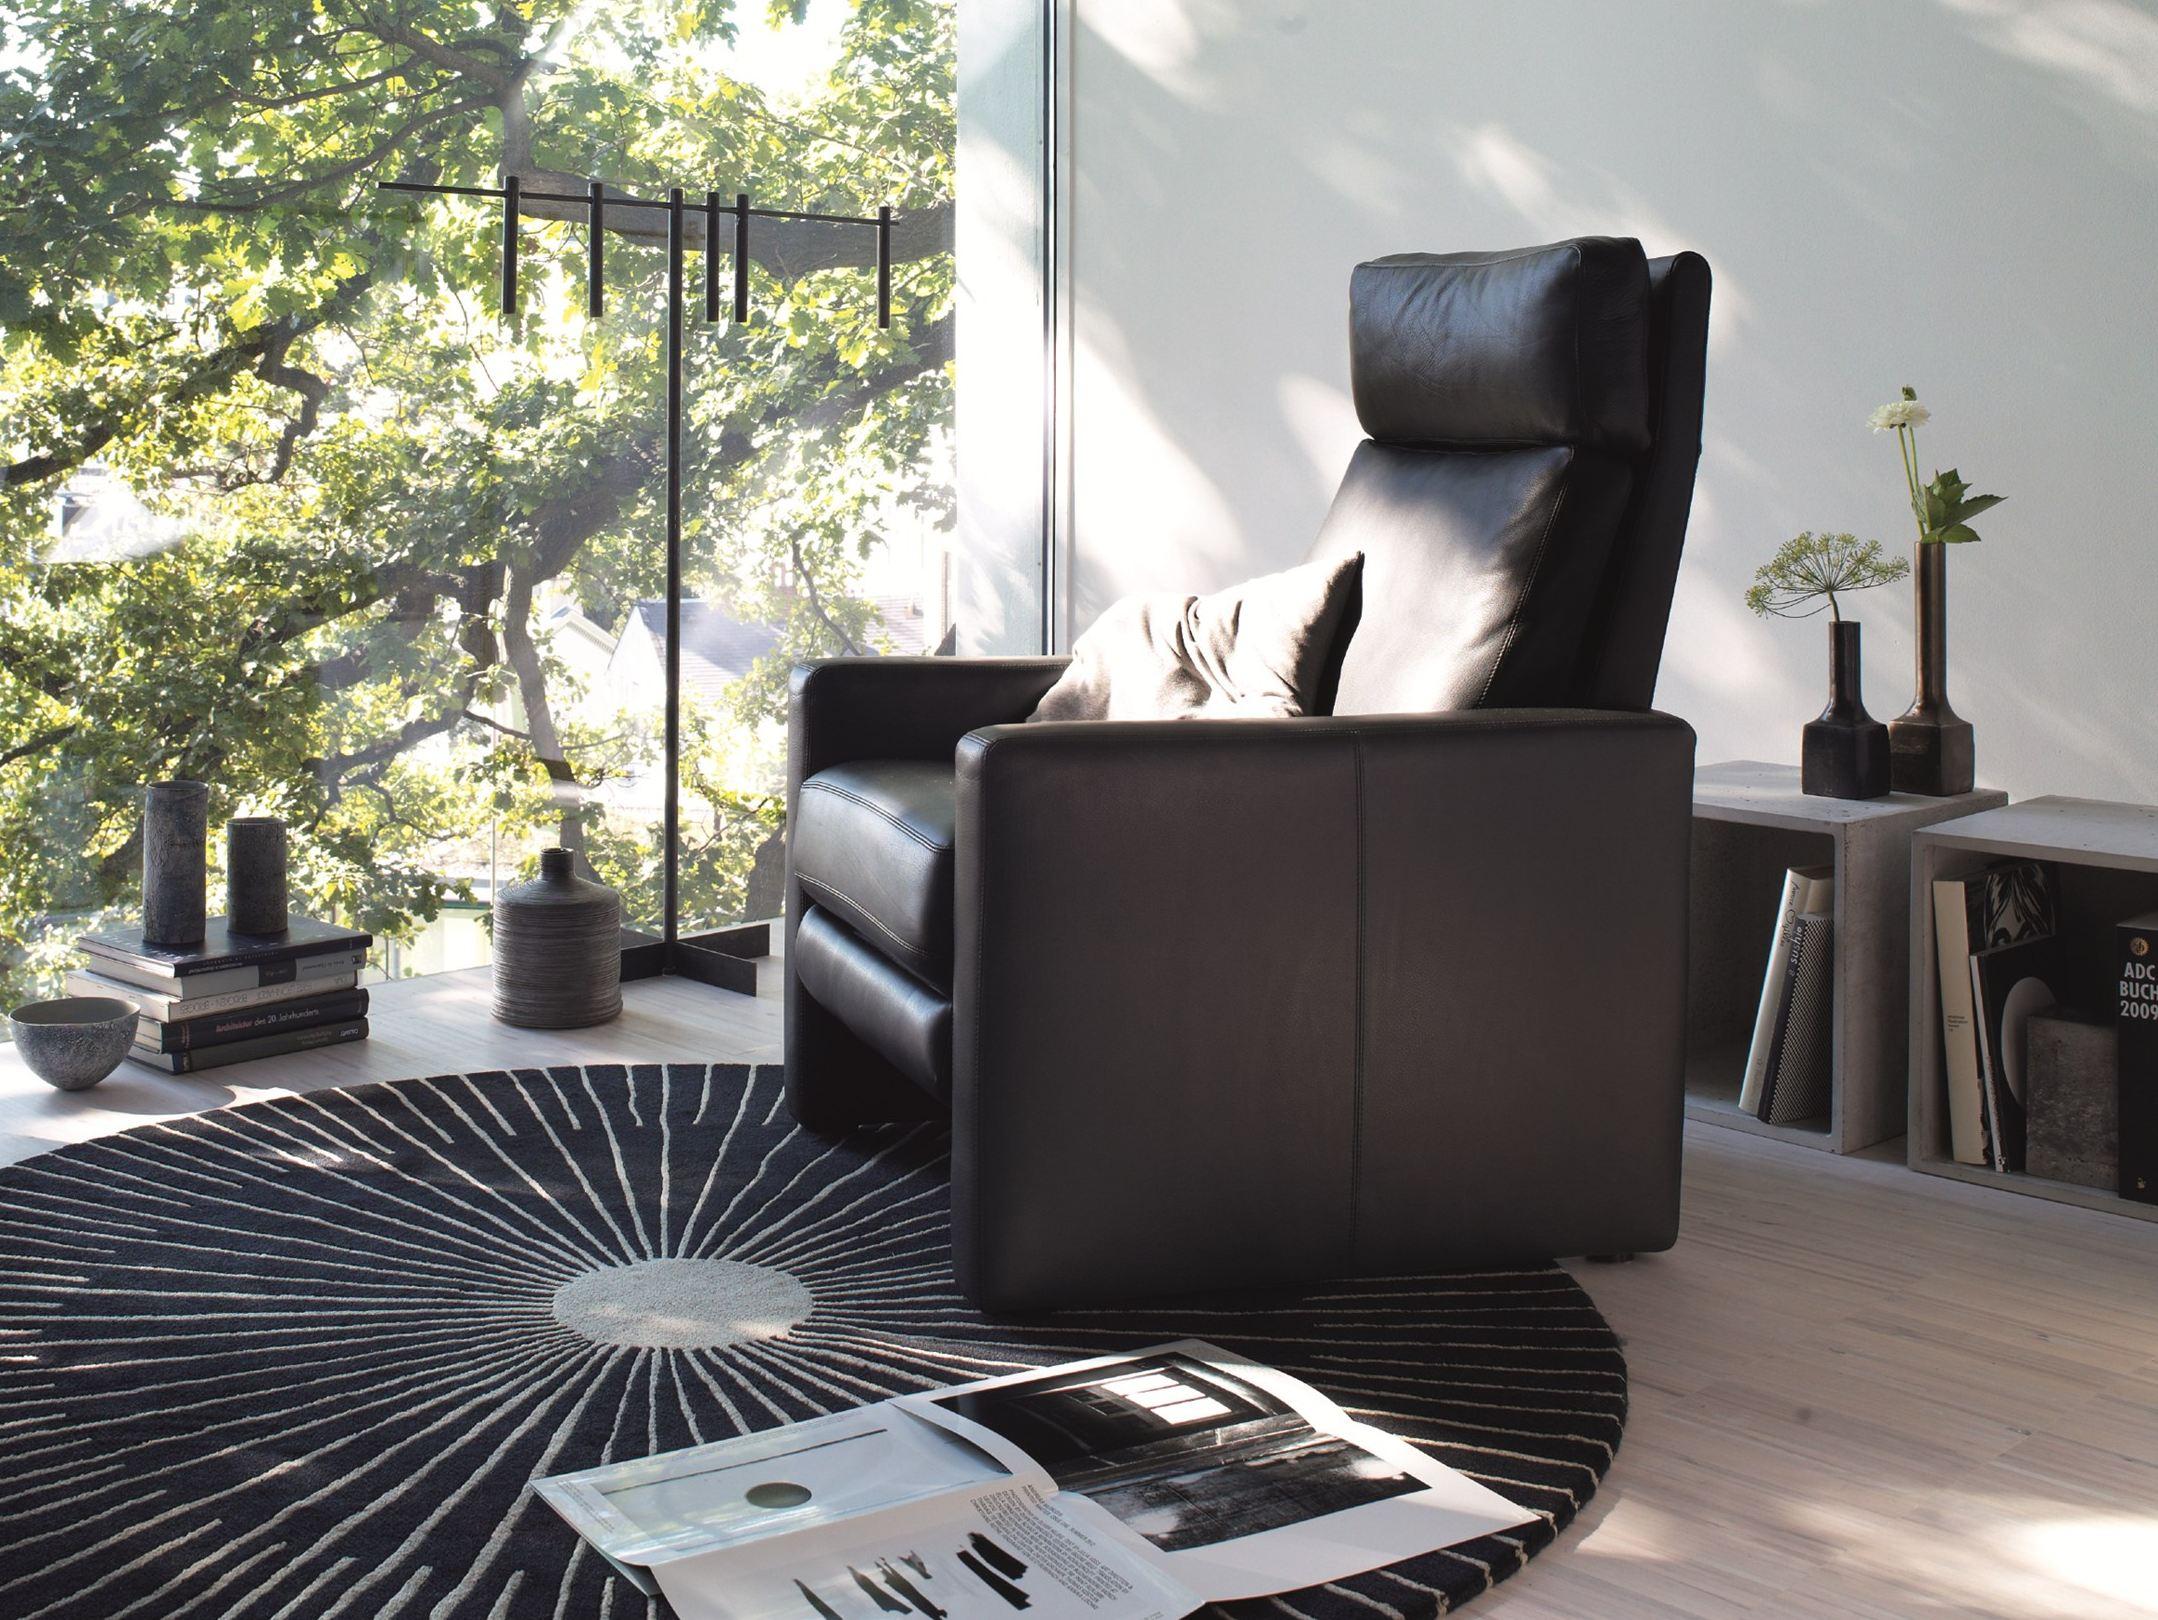 Кресло реклайнер в интерьере дома